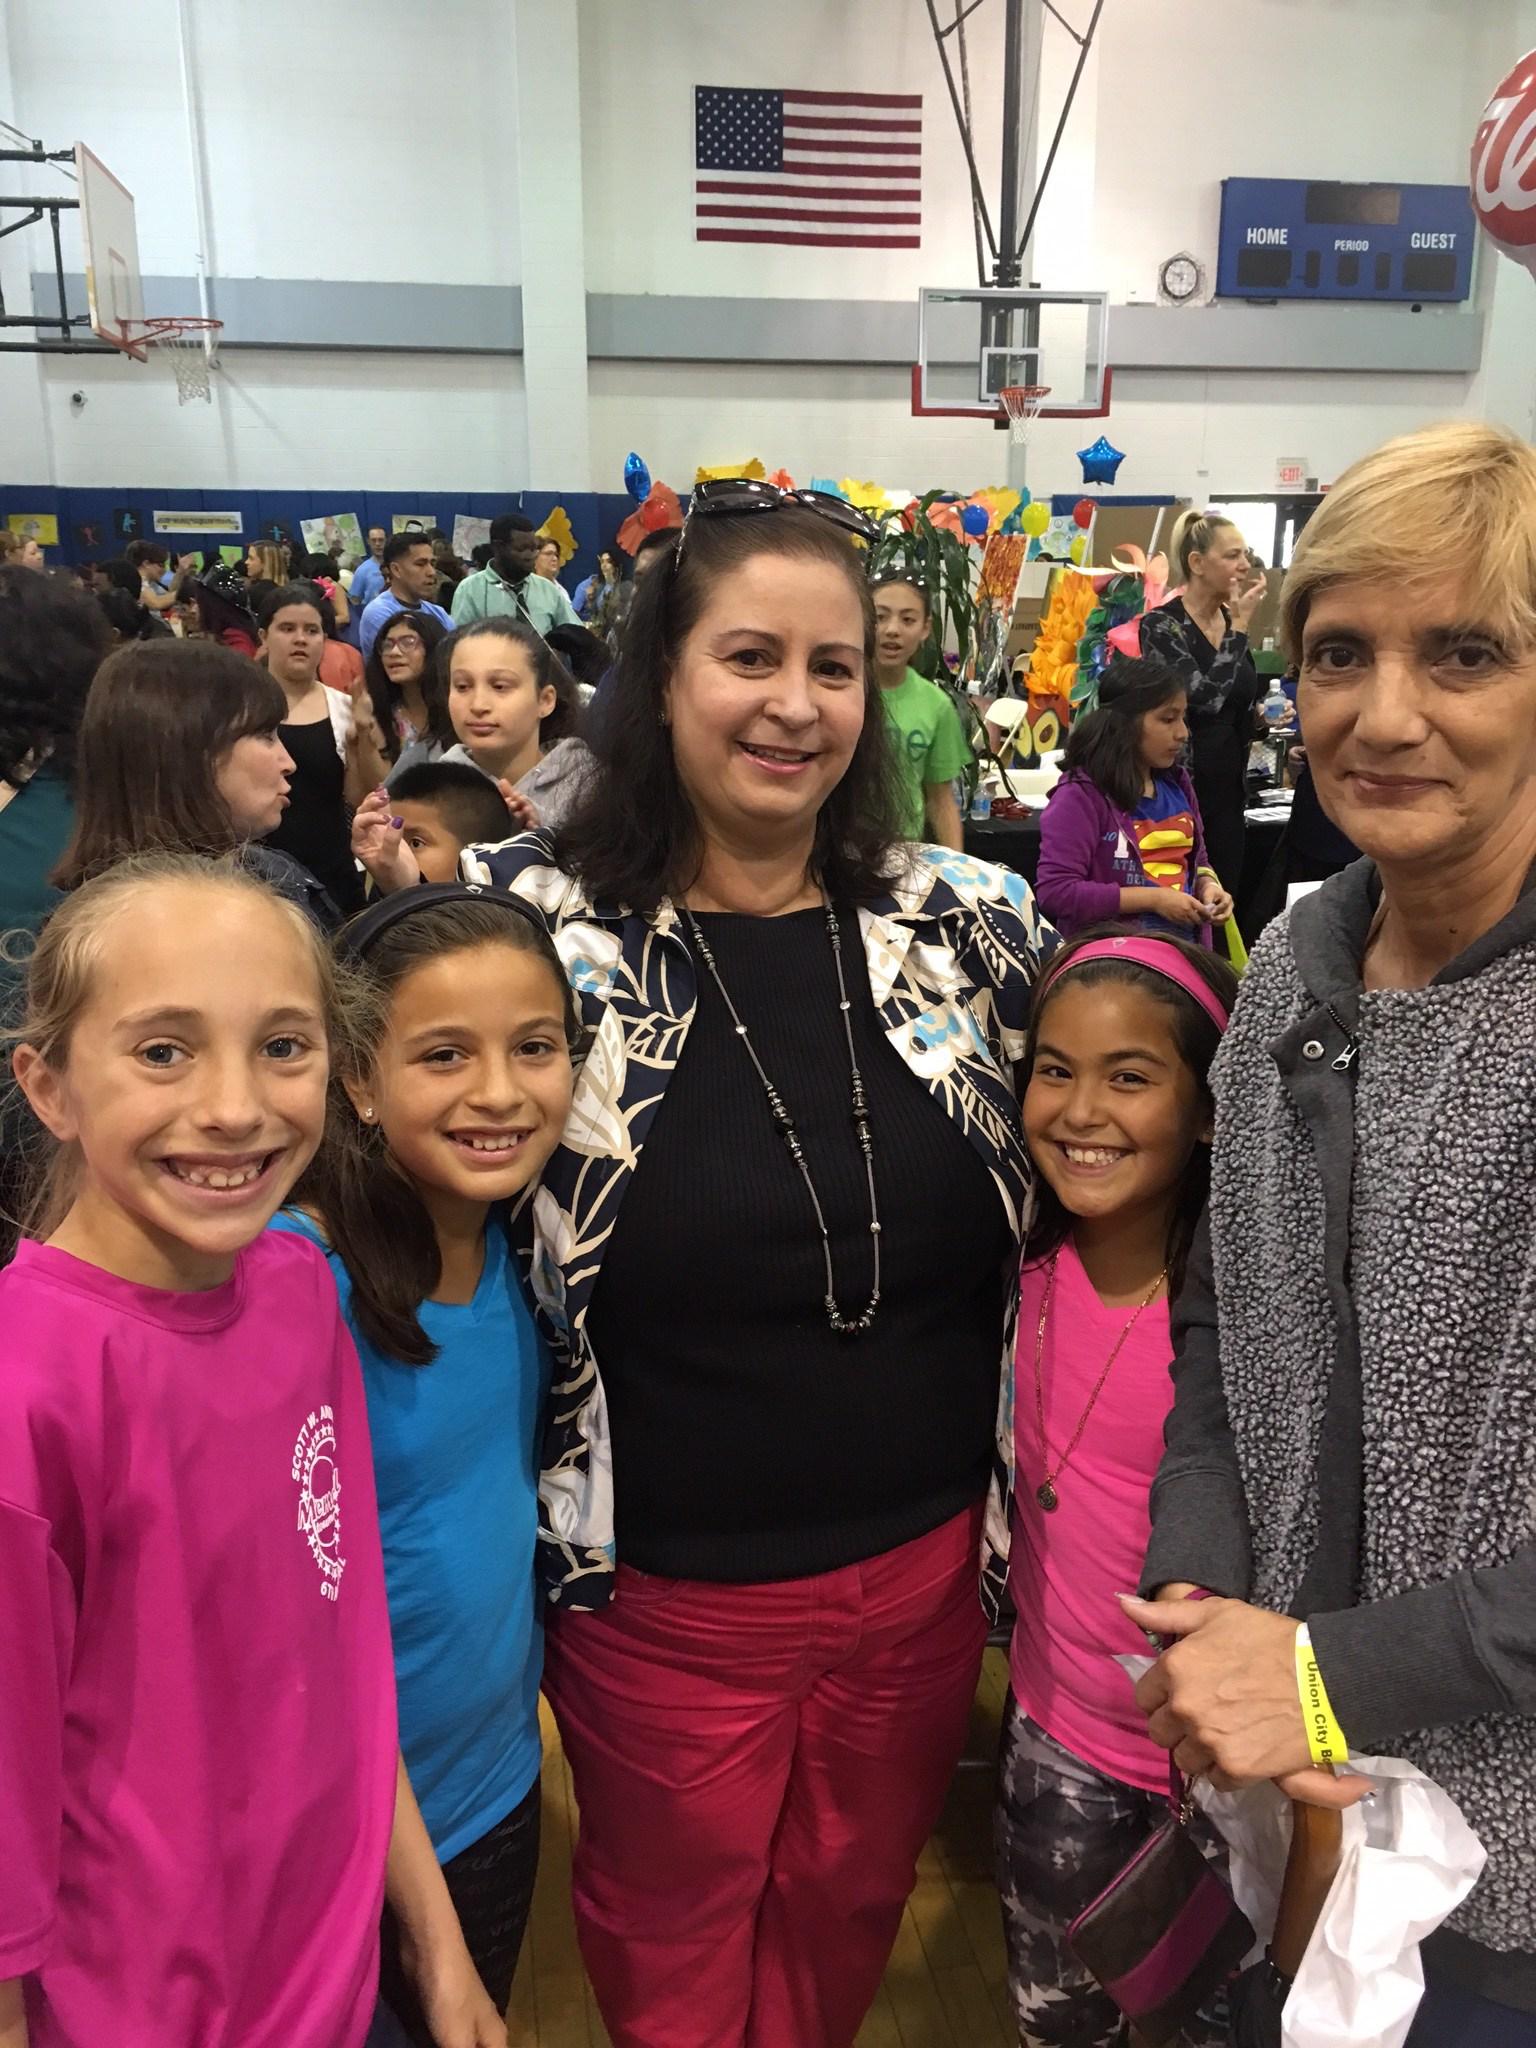 Superintendent Silvia Abbato hugging children at the Union City Health Fair